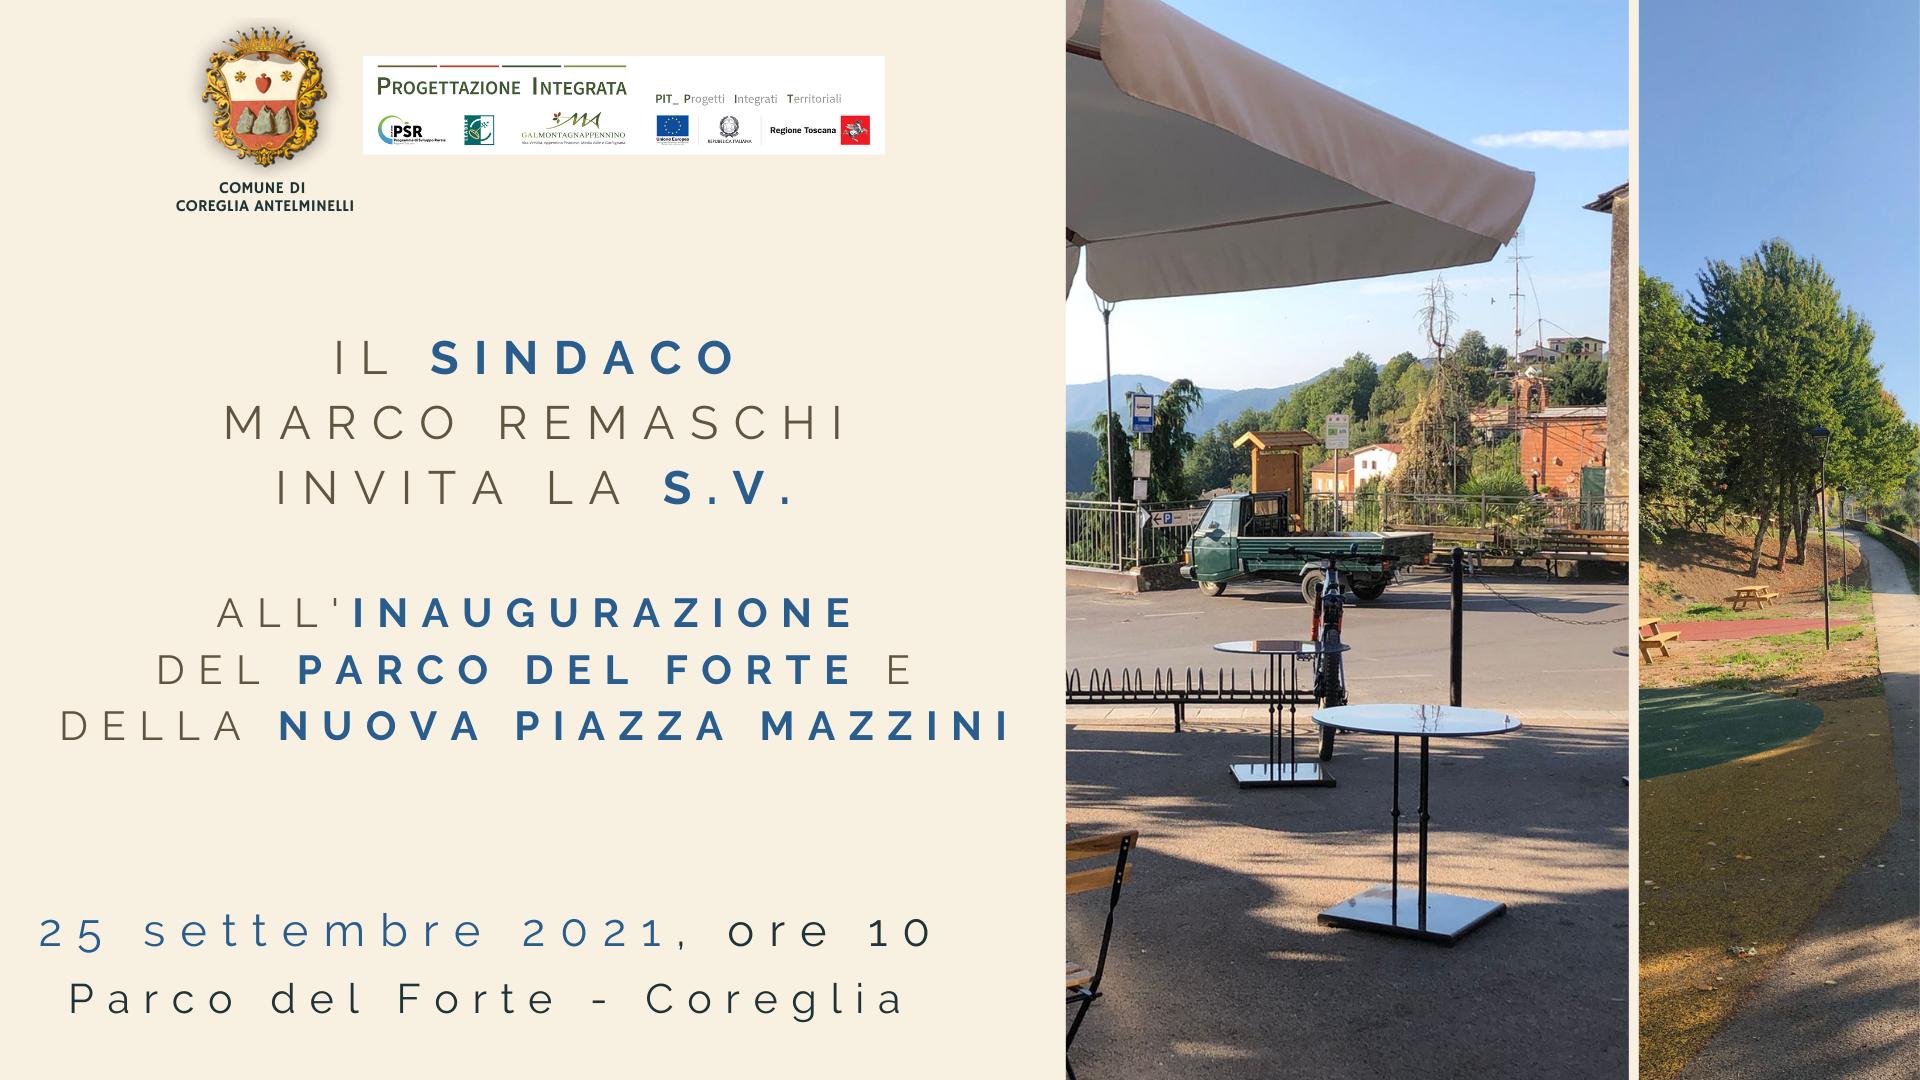 invito_inaugurazione coreglia_forte_piazza mazzini